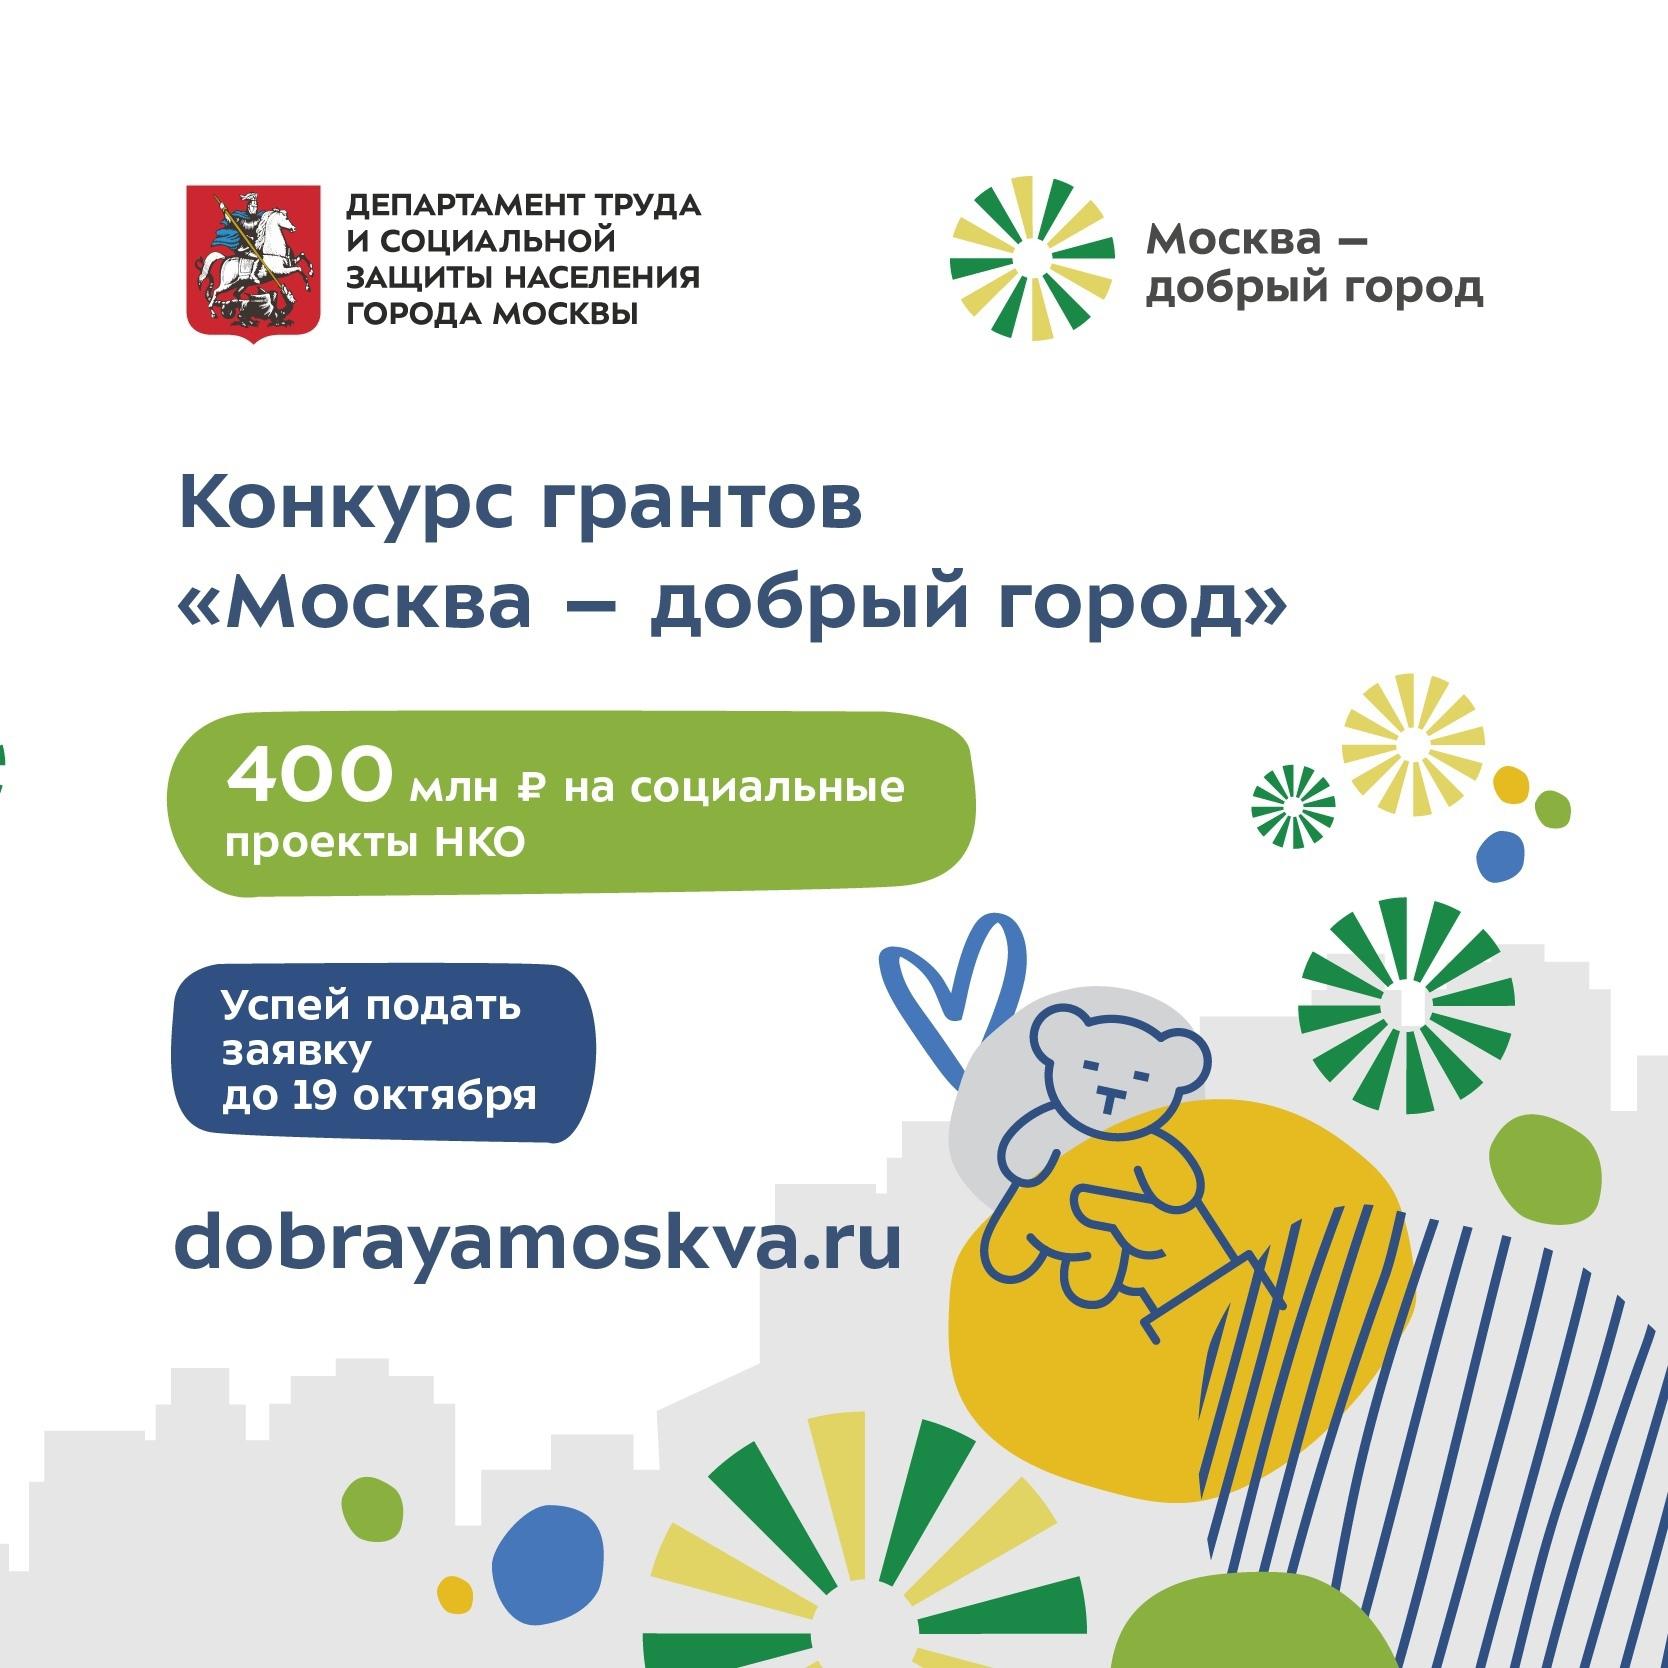 Вы знали, что столичный  уже третий год подряд поддерживает самые добрые и полезные социальные проекты с помощью конкурса грантов для НКО «Москва — добрый город»?